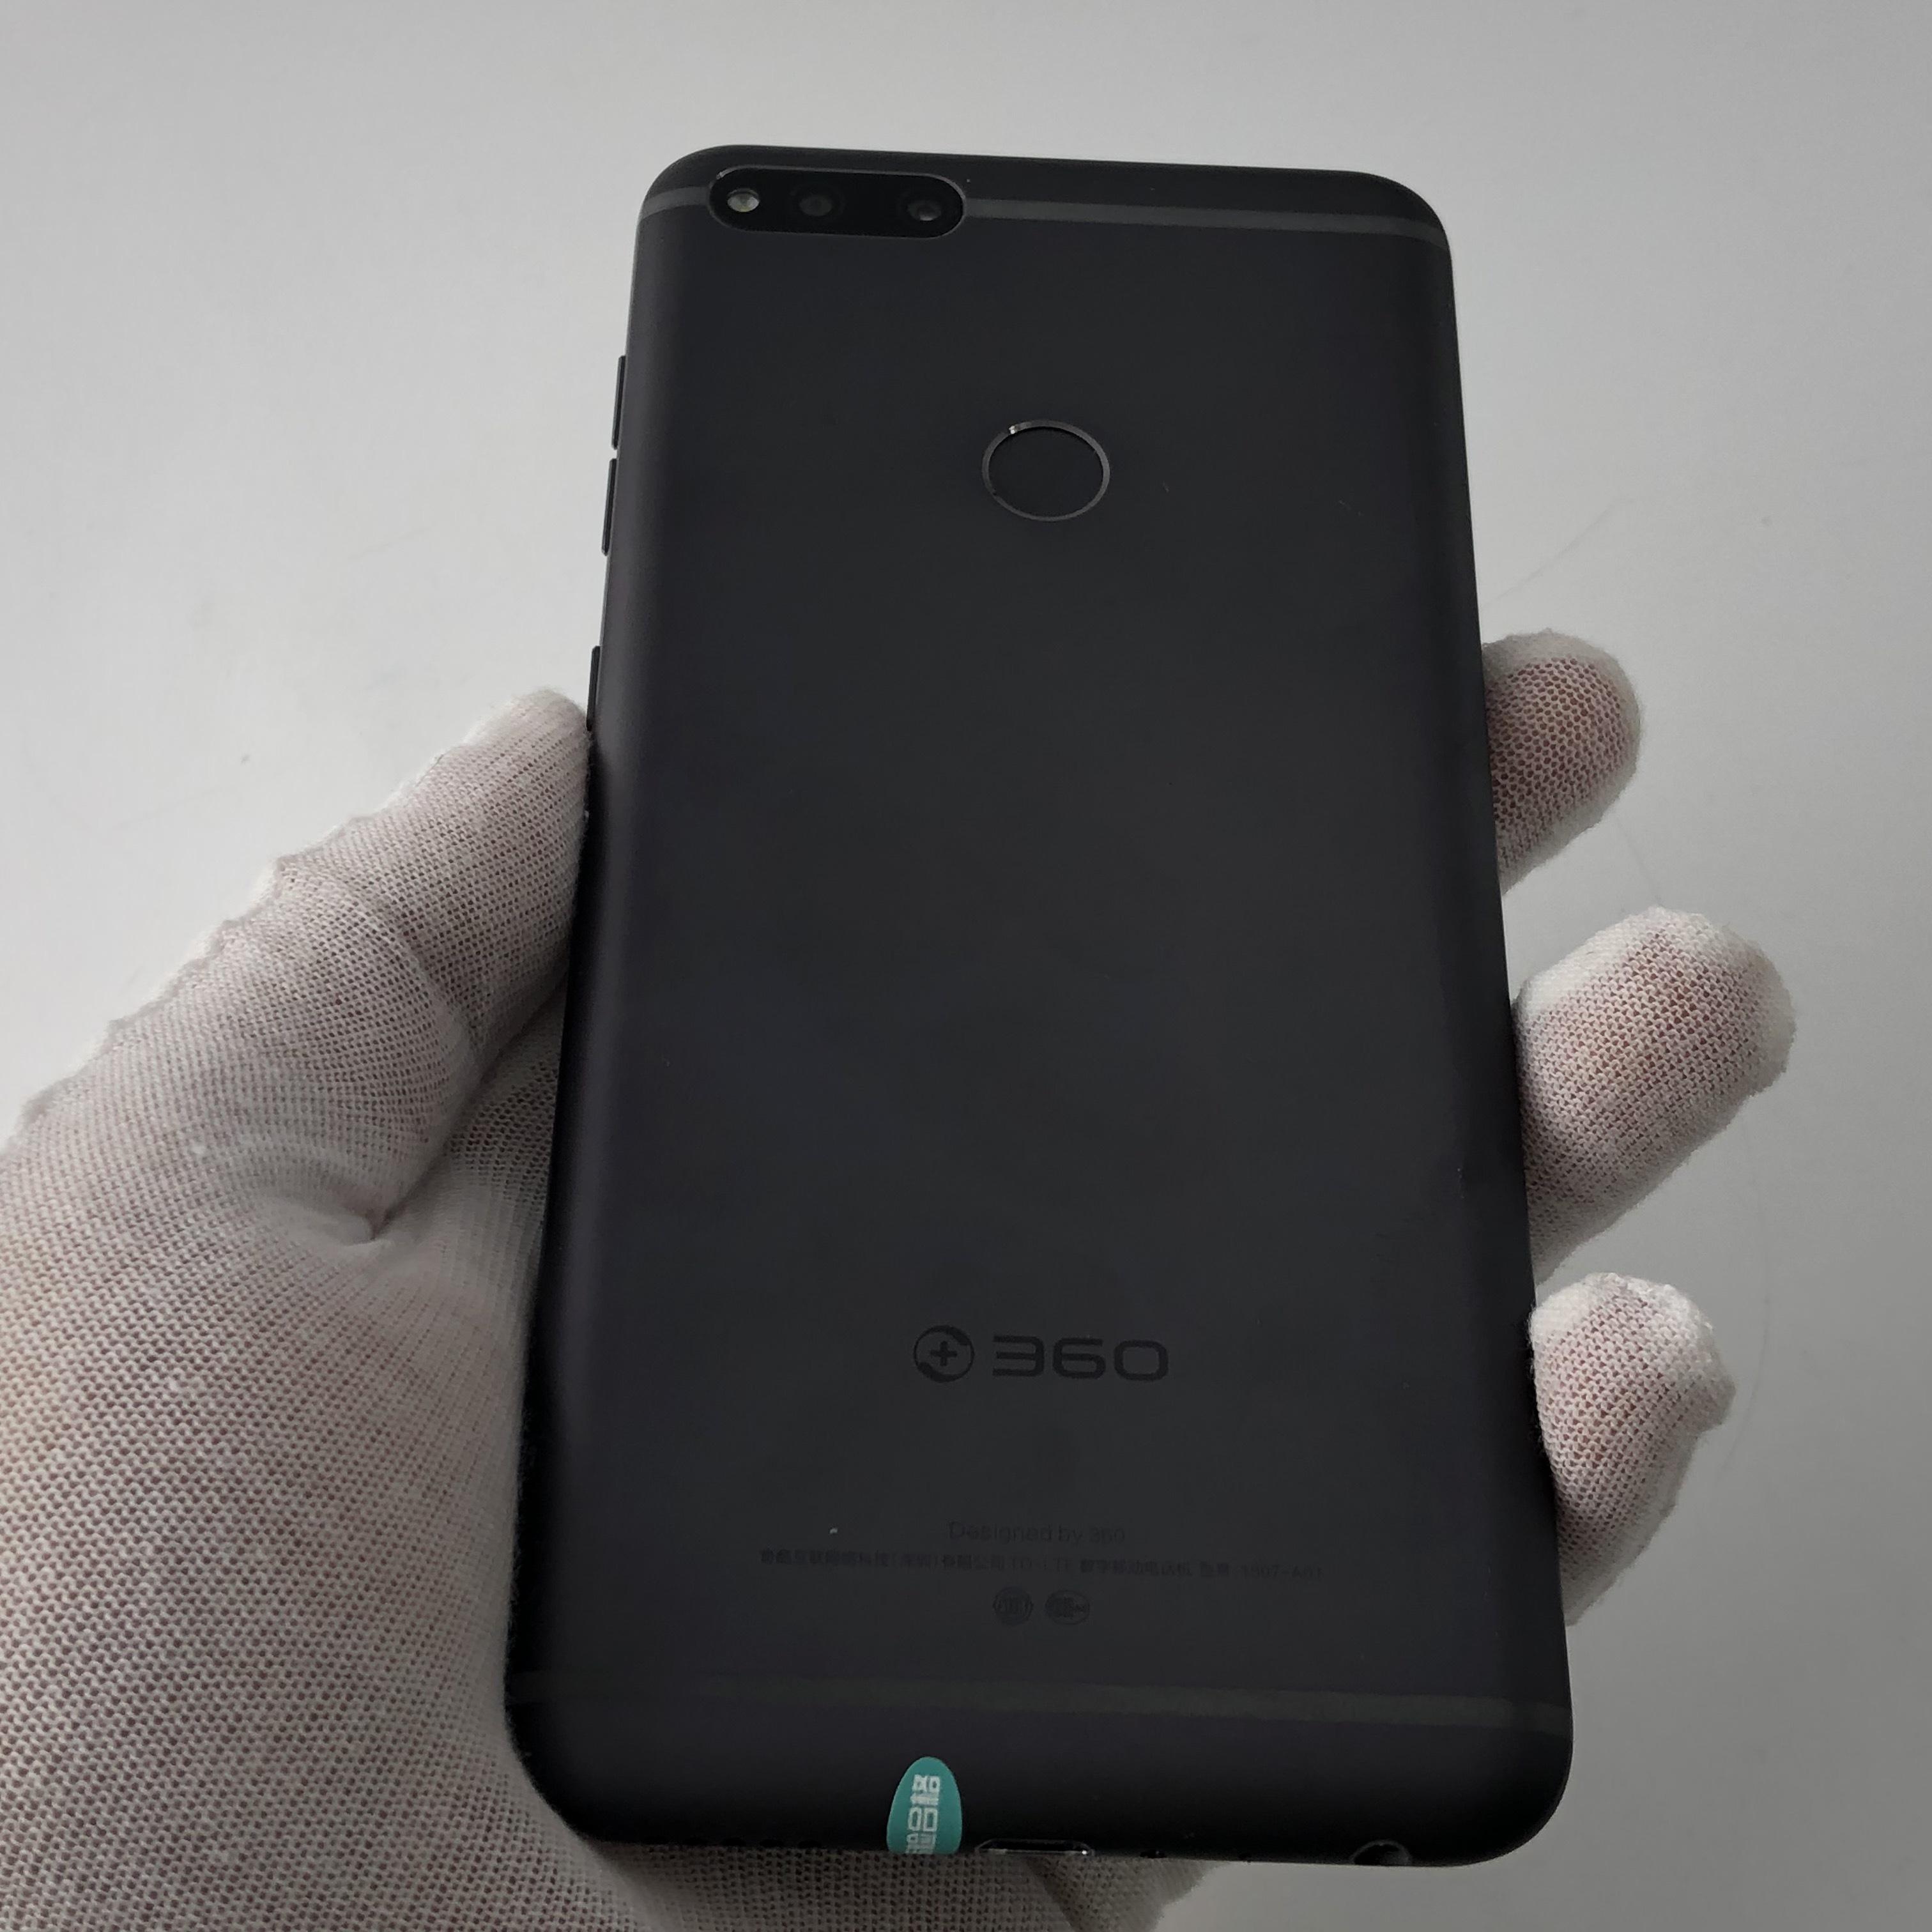 360手机【N7】全网通 黑色 6G/64G 国行 9成新